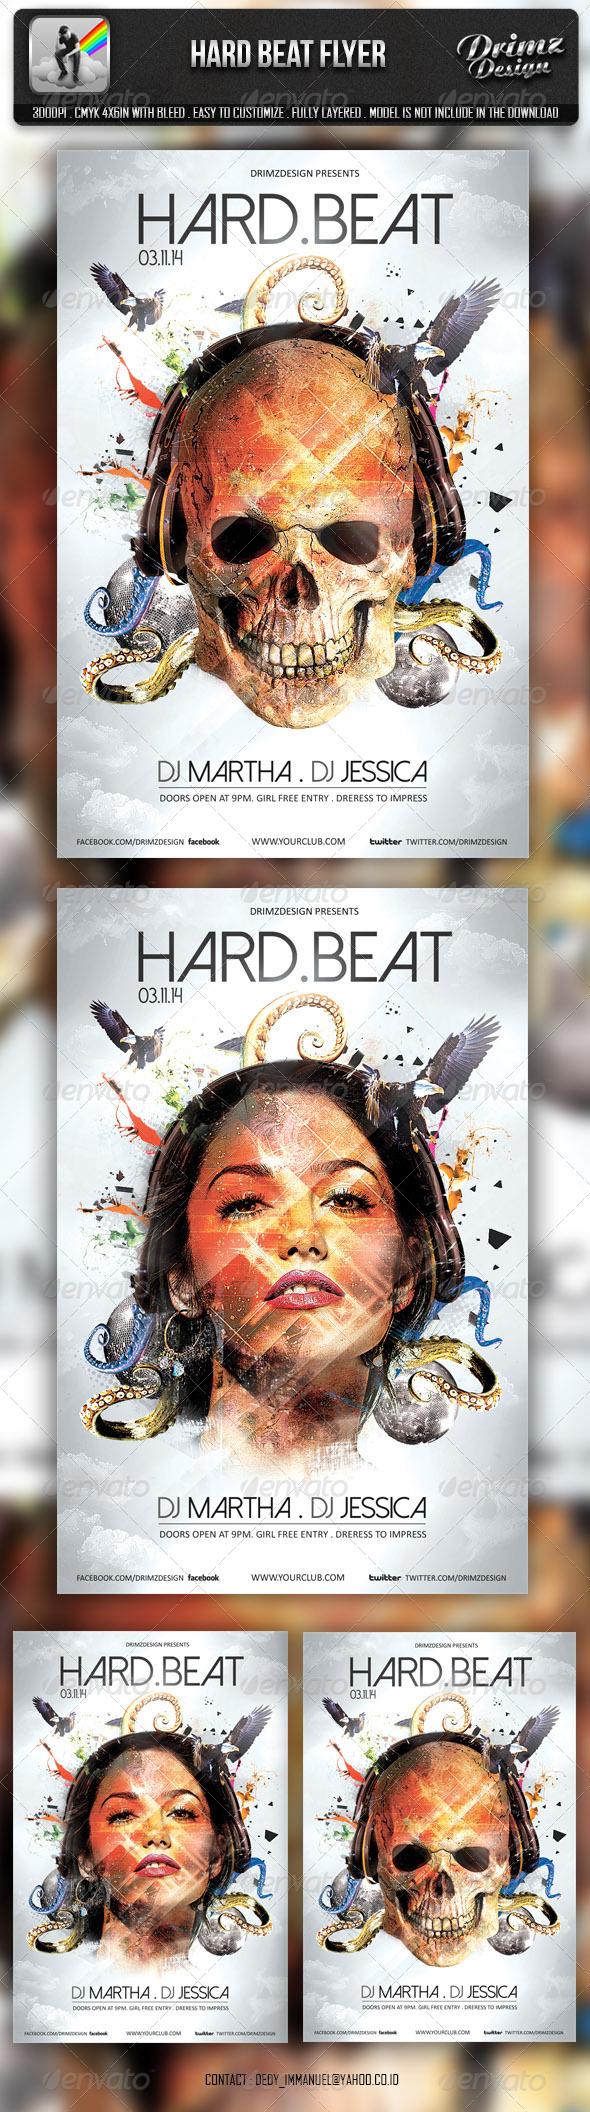 Hard Beat Flyer - Events Flyers